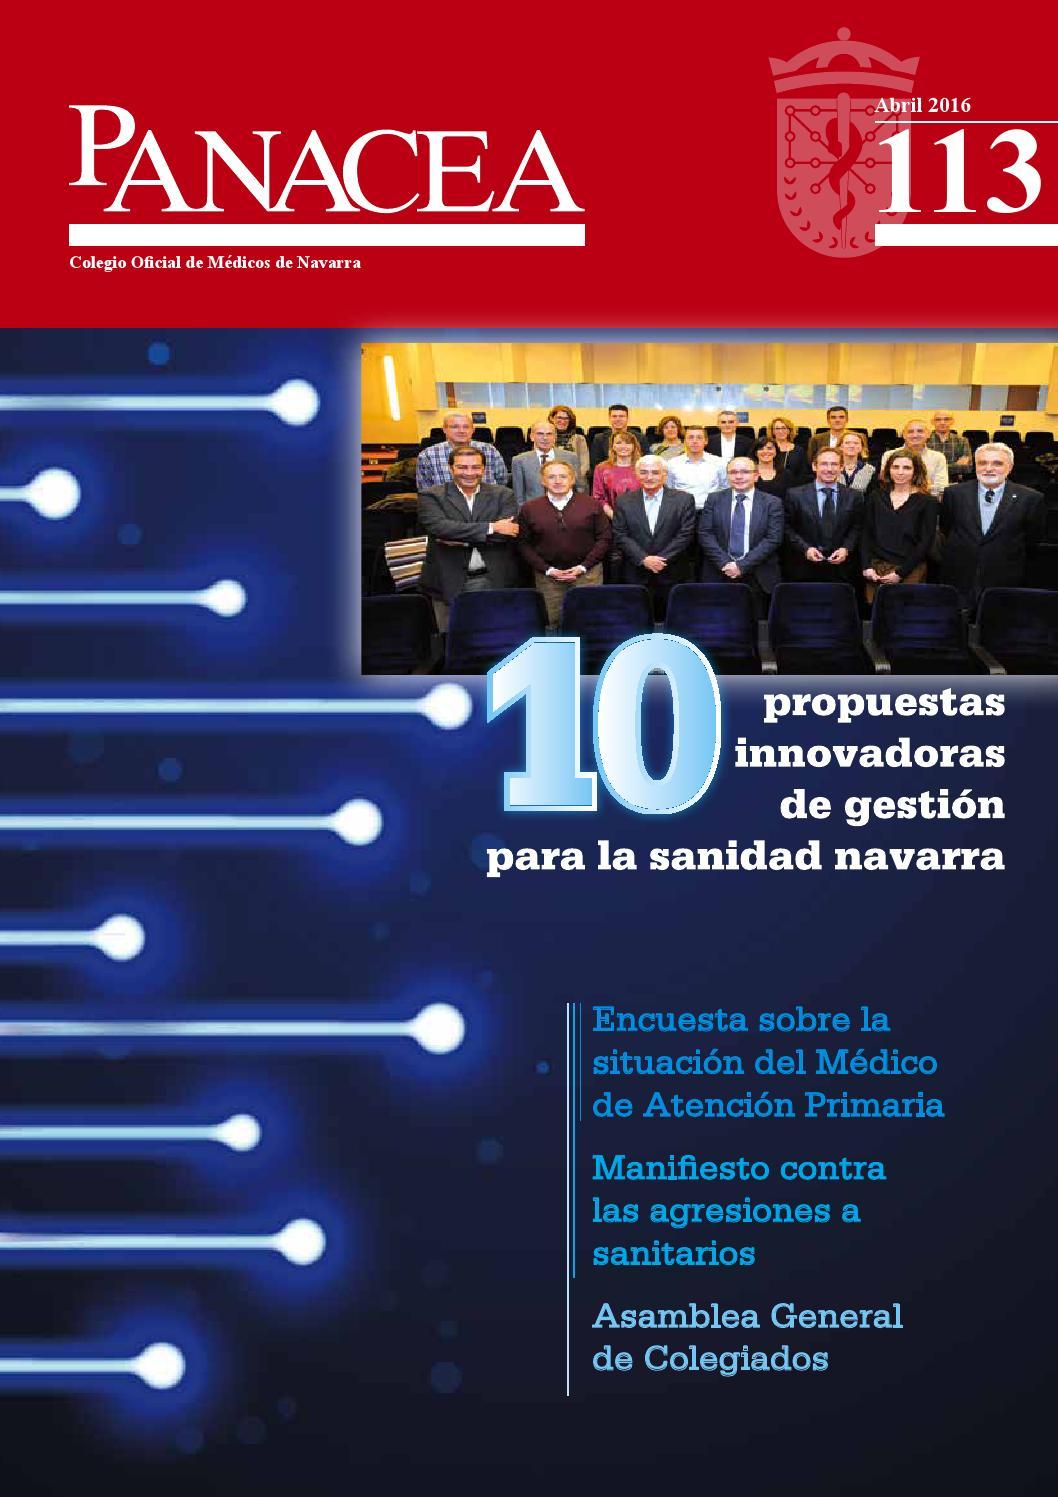 Panacea 113. Revista del Colegio de Médicos de Navarra. Abril 2016 ...